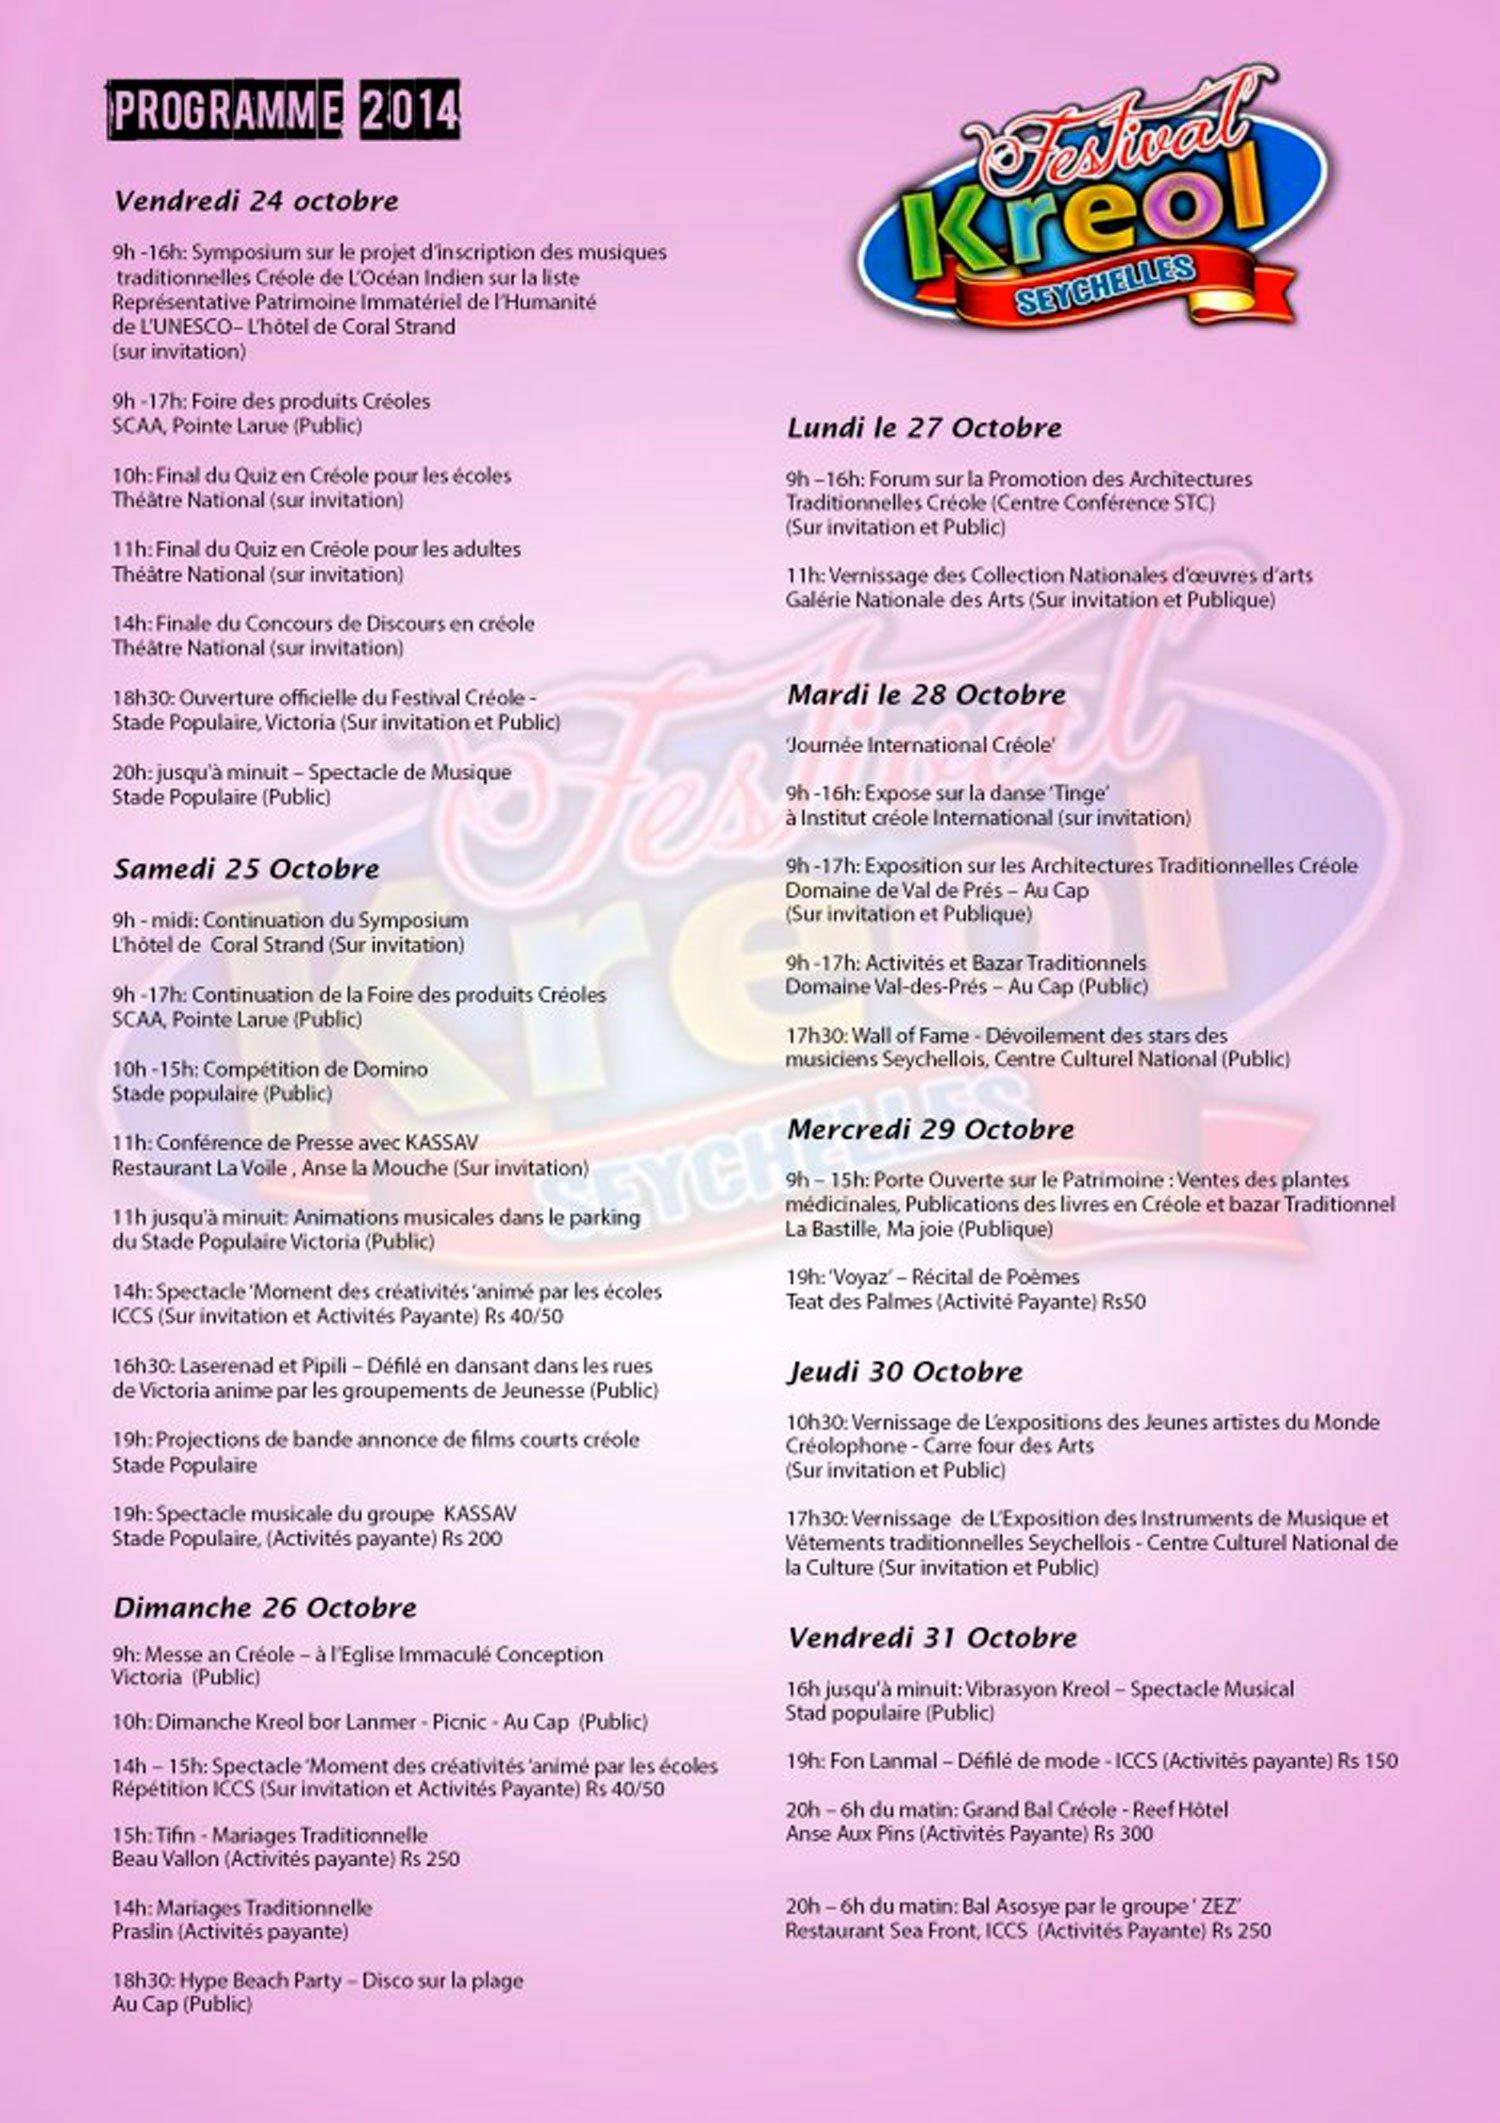 ARTICLE-Le 29ème festival Kreol des Seychelles, la culture à l'honneur